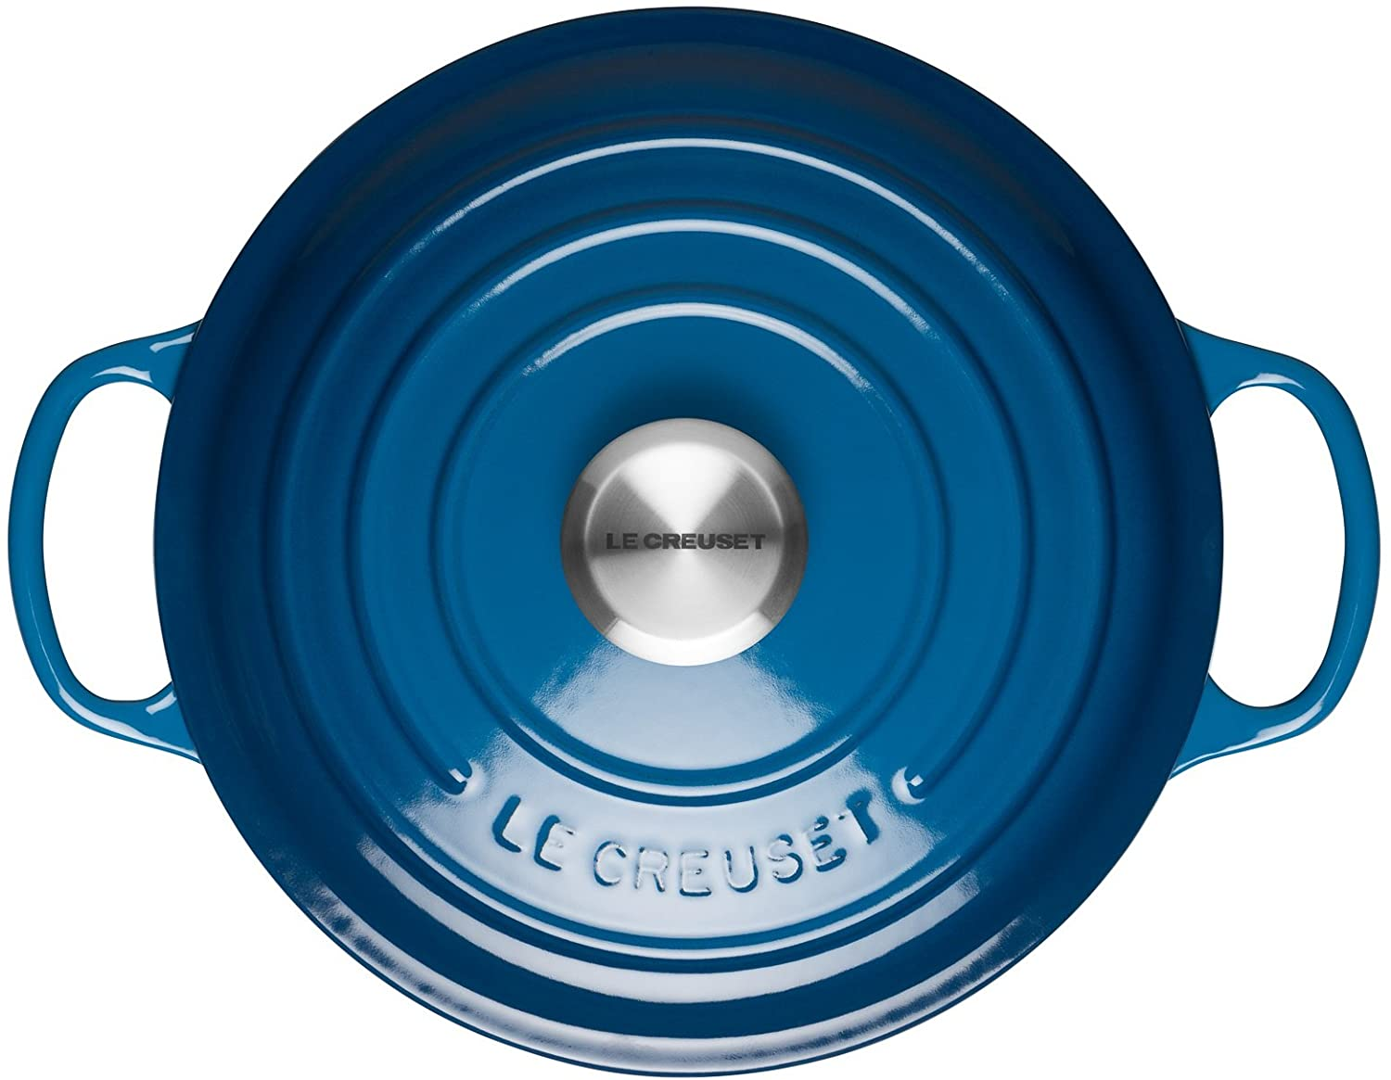 71EizlXHNAL. AC SL1500 Gia Dụng Đức Sài Gòn